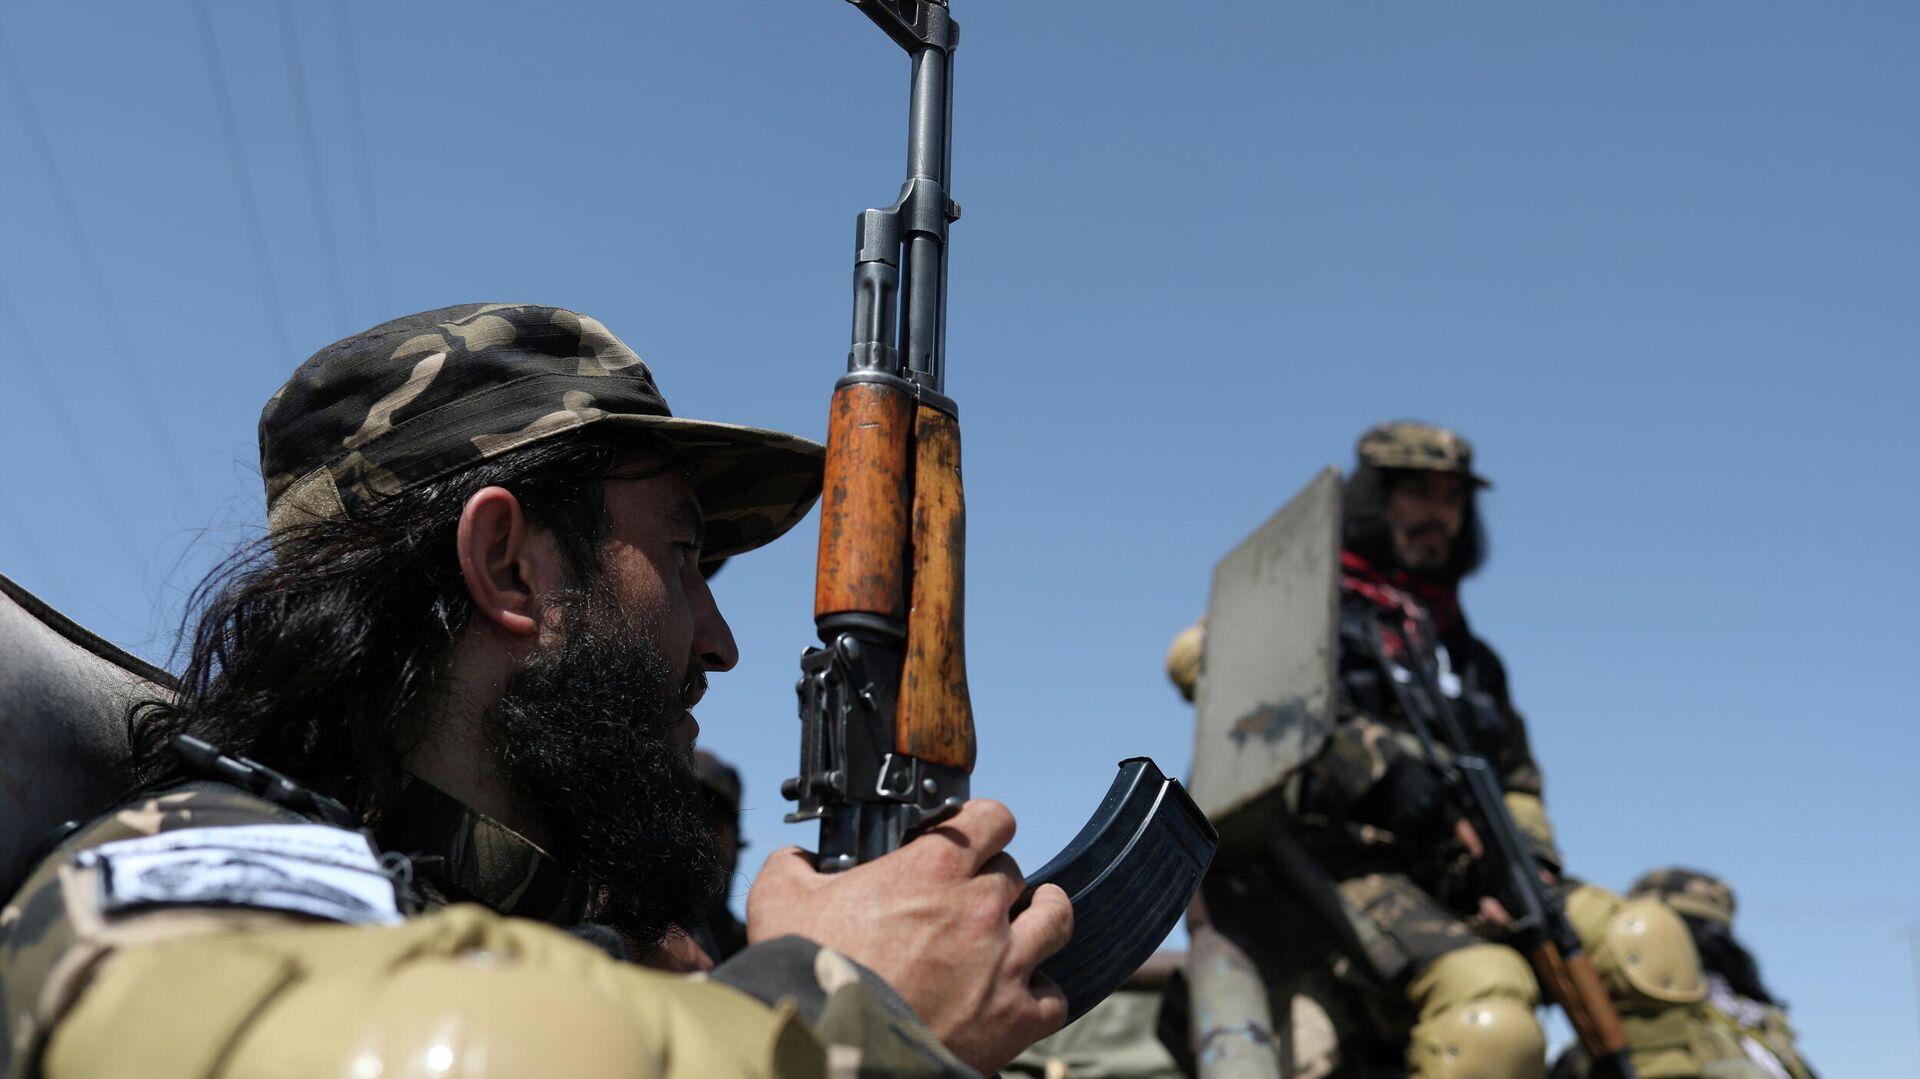 Miembros de las Fuerzas Especiales de Inteligencia de los talibanes vigilan el aeródromo militar de Kabul - Sputnik Mundo, 1920, 03.10.2021